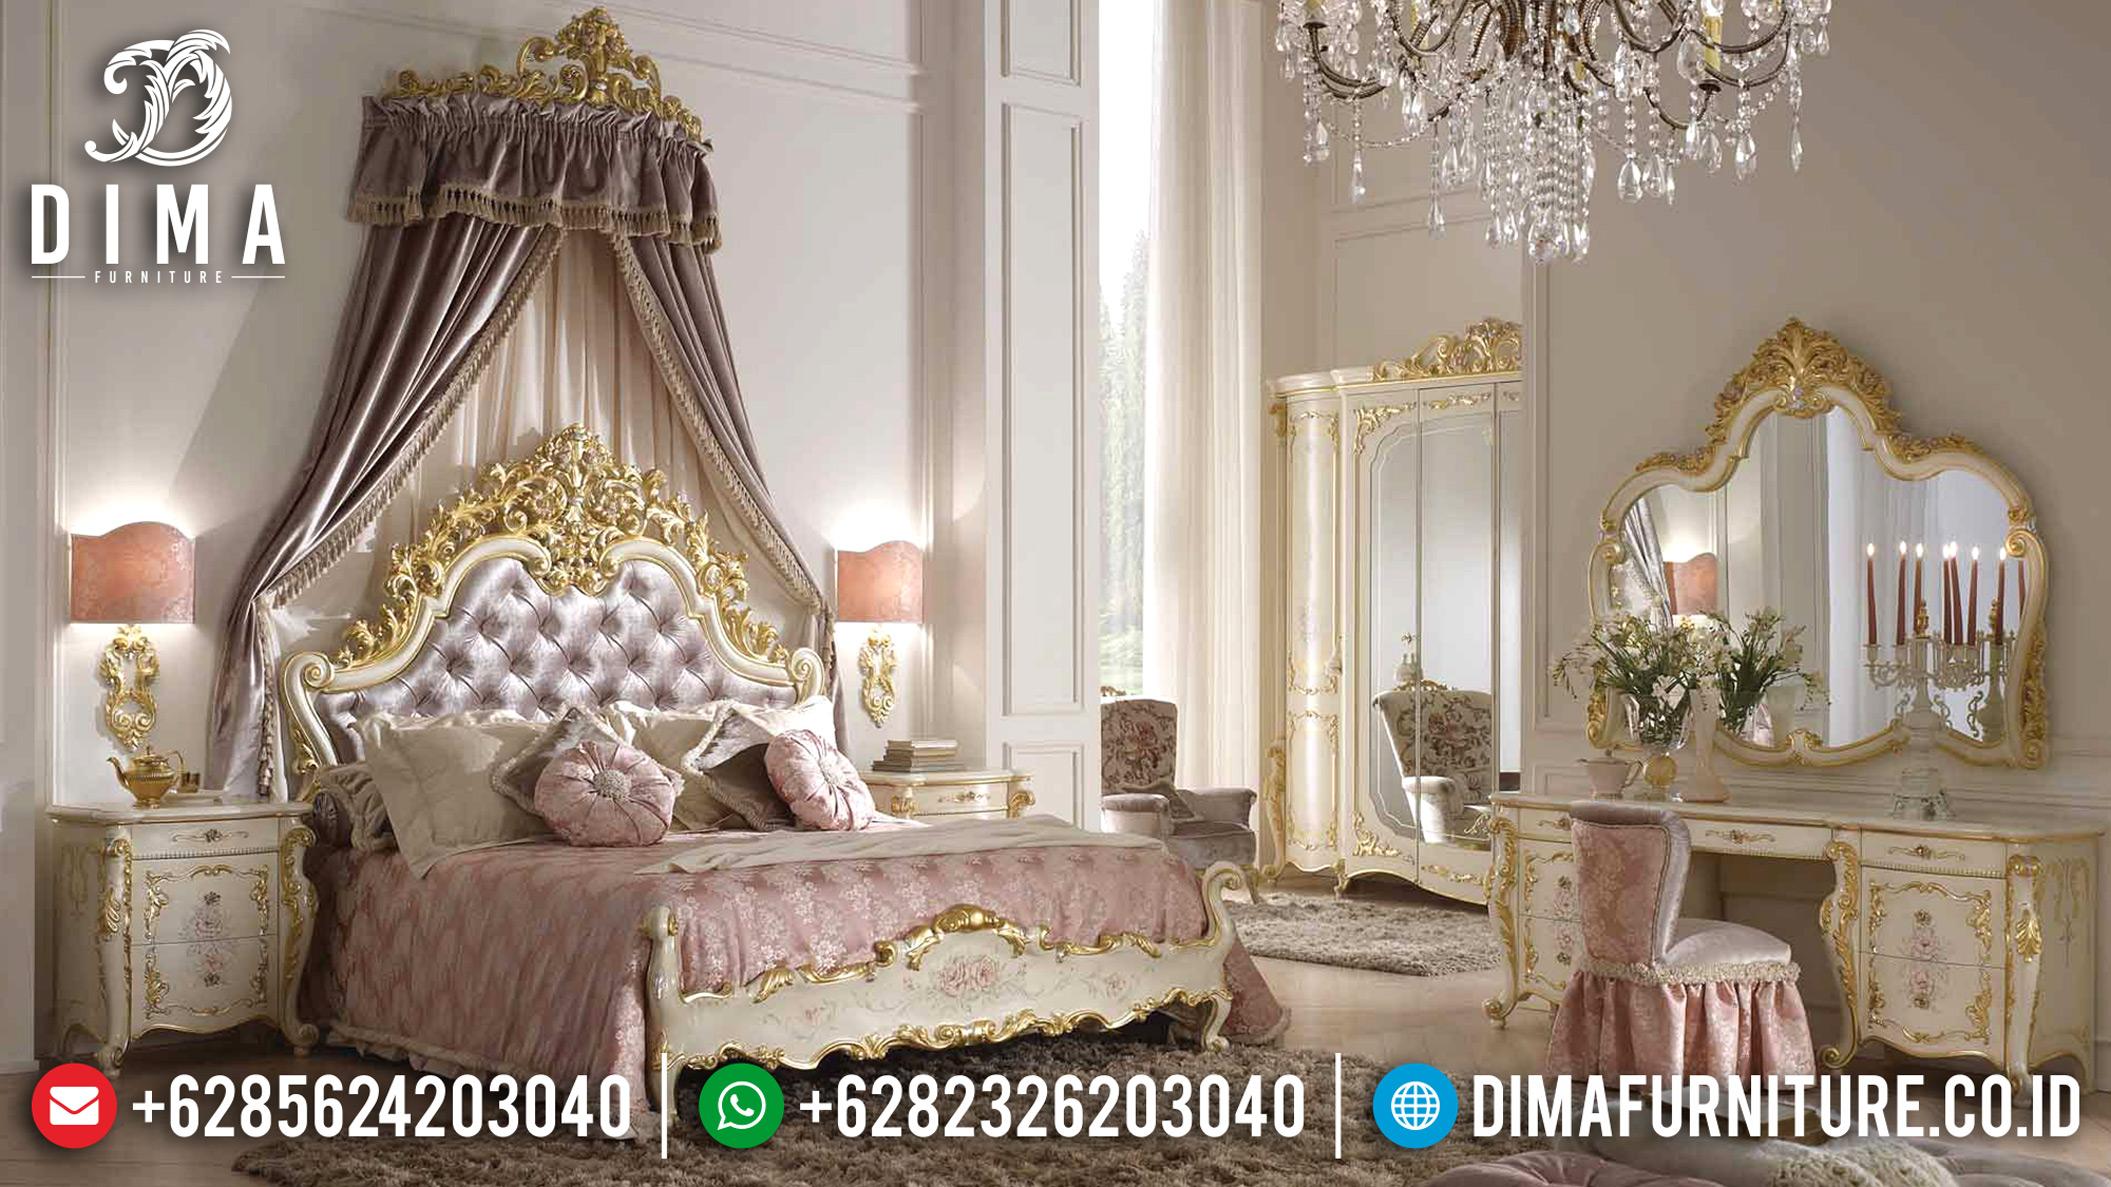 20+ Tempat Tidur Jepara Mewah Dan Minimalis Pilihan Tahun 2019 005 Dima Furniture Jepara